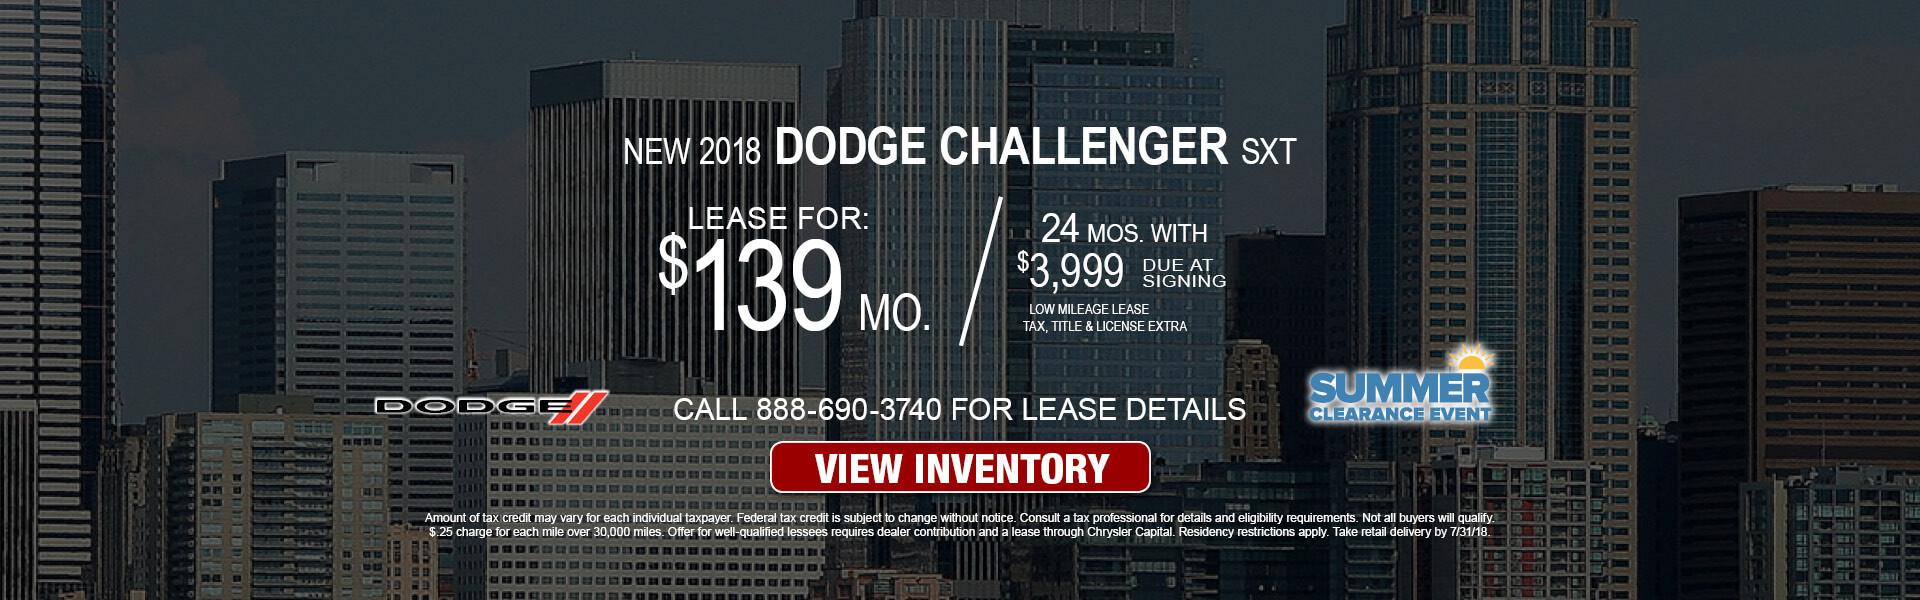 Dodge Challenger SXT $139 Lease